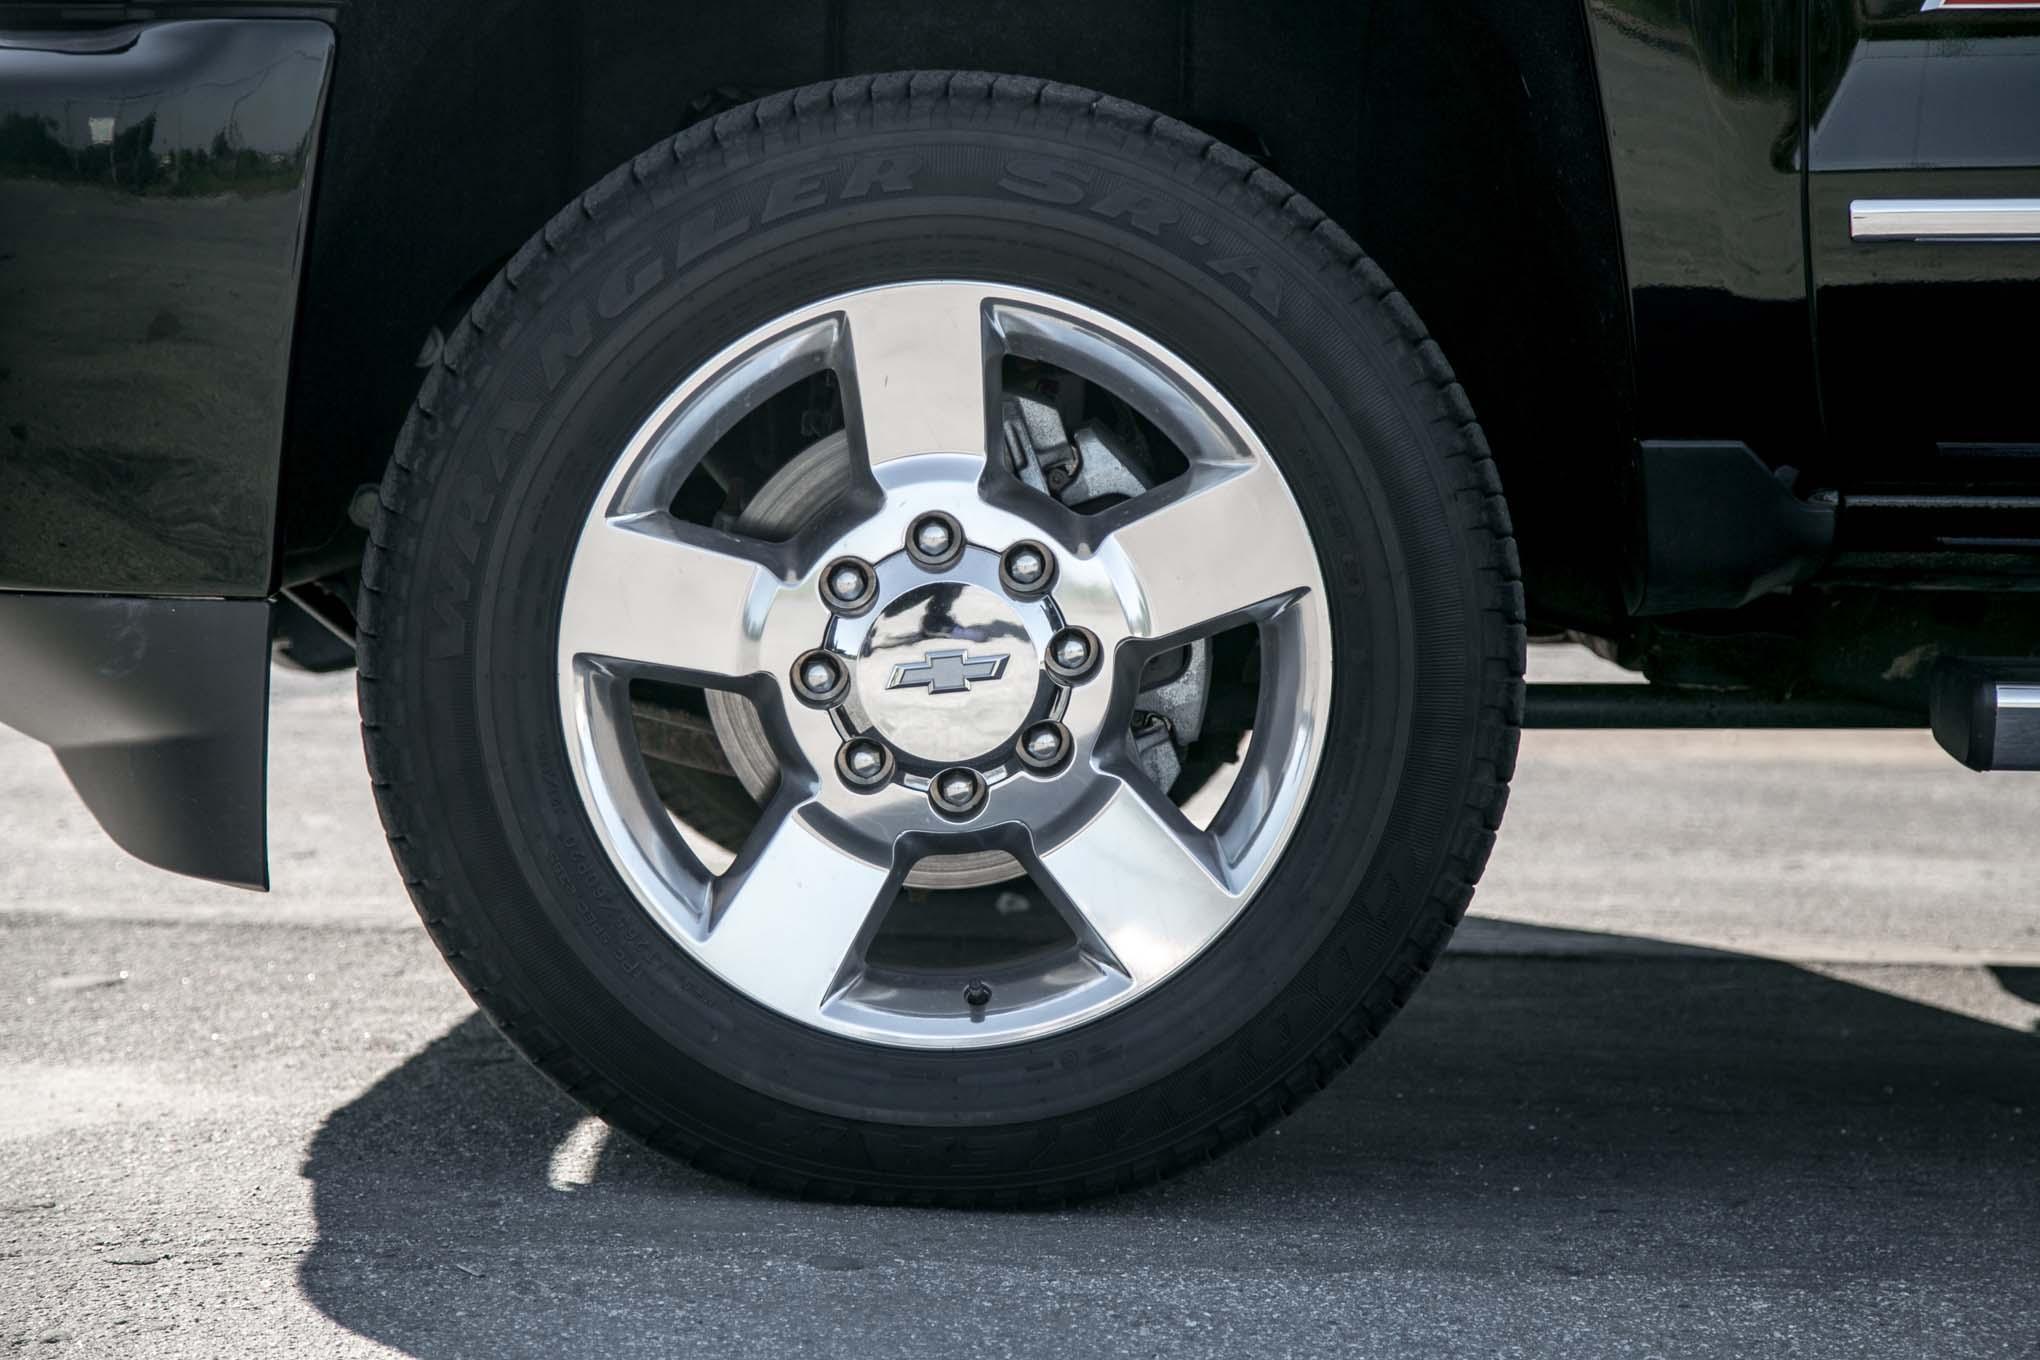 2017 Chevrolet Silverado 2500hd 4wd Z71 Ltz Wheels 1 Junio Miguel Cortina